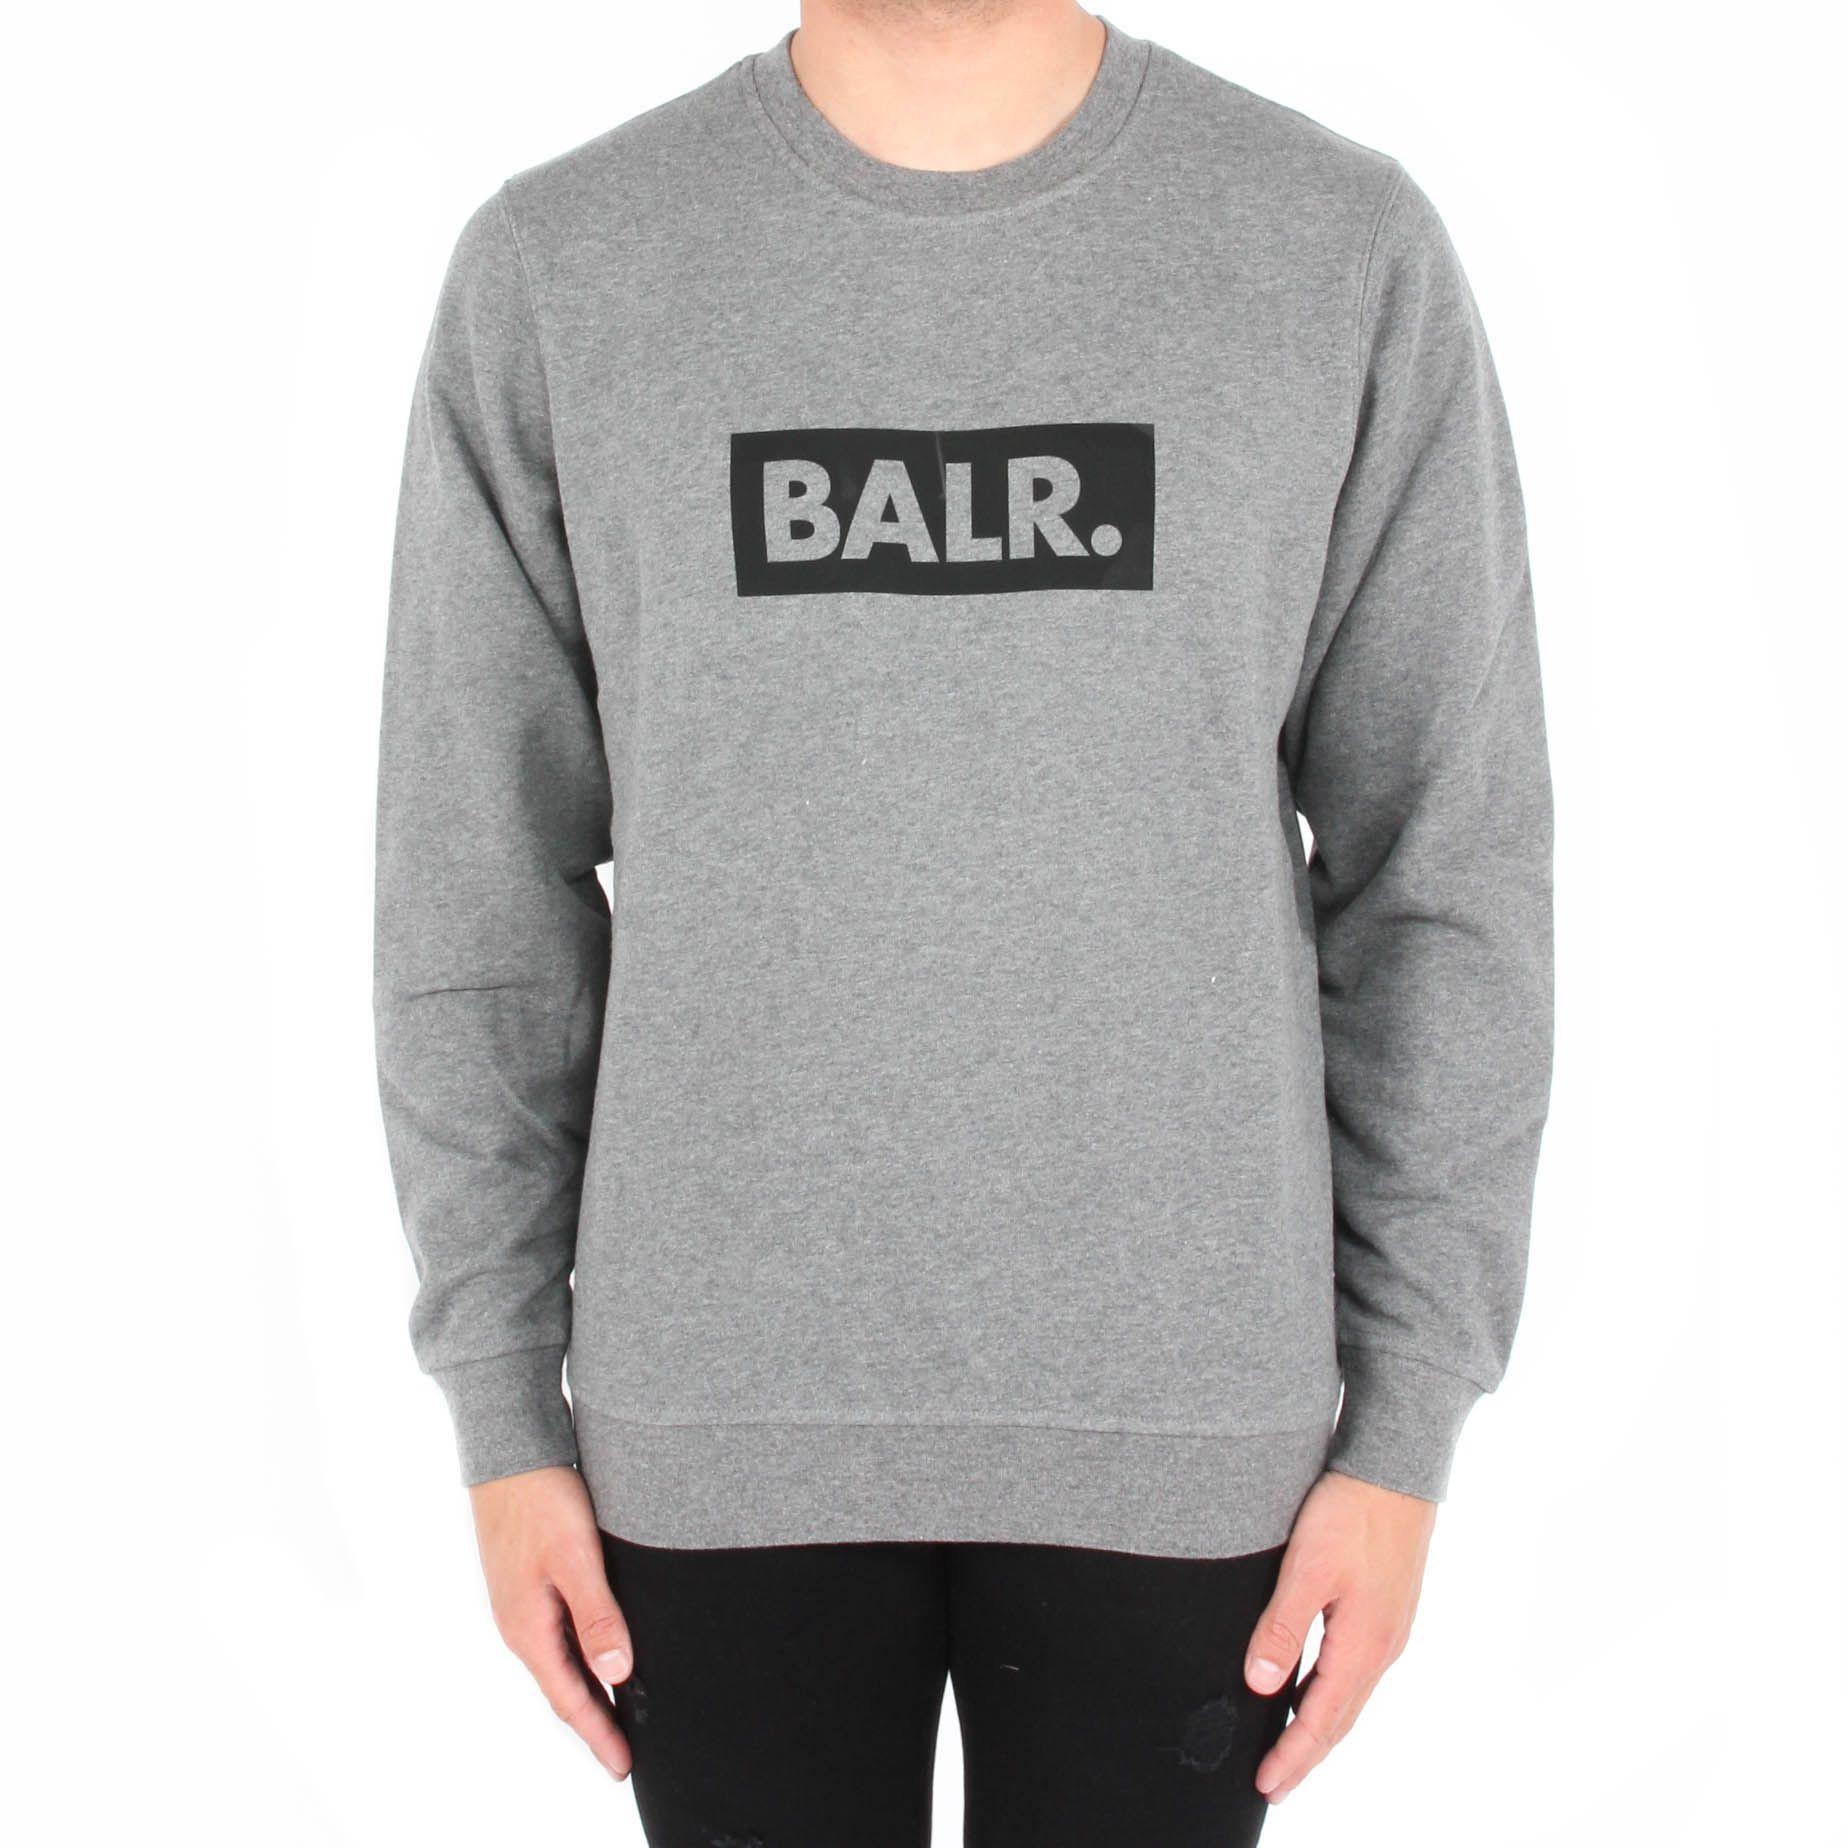 Afbeelding van BALR. Brand cub crew neck sweater grijs